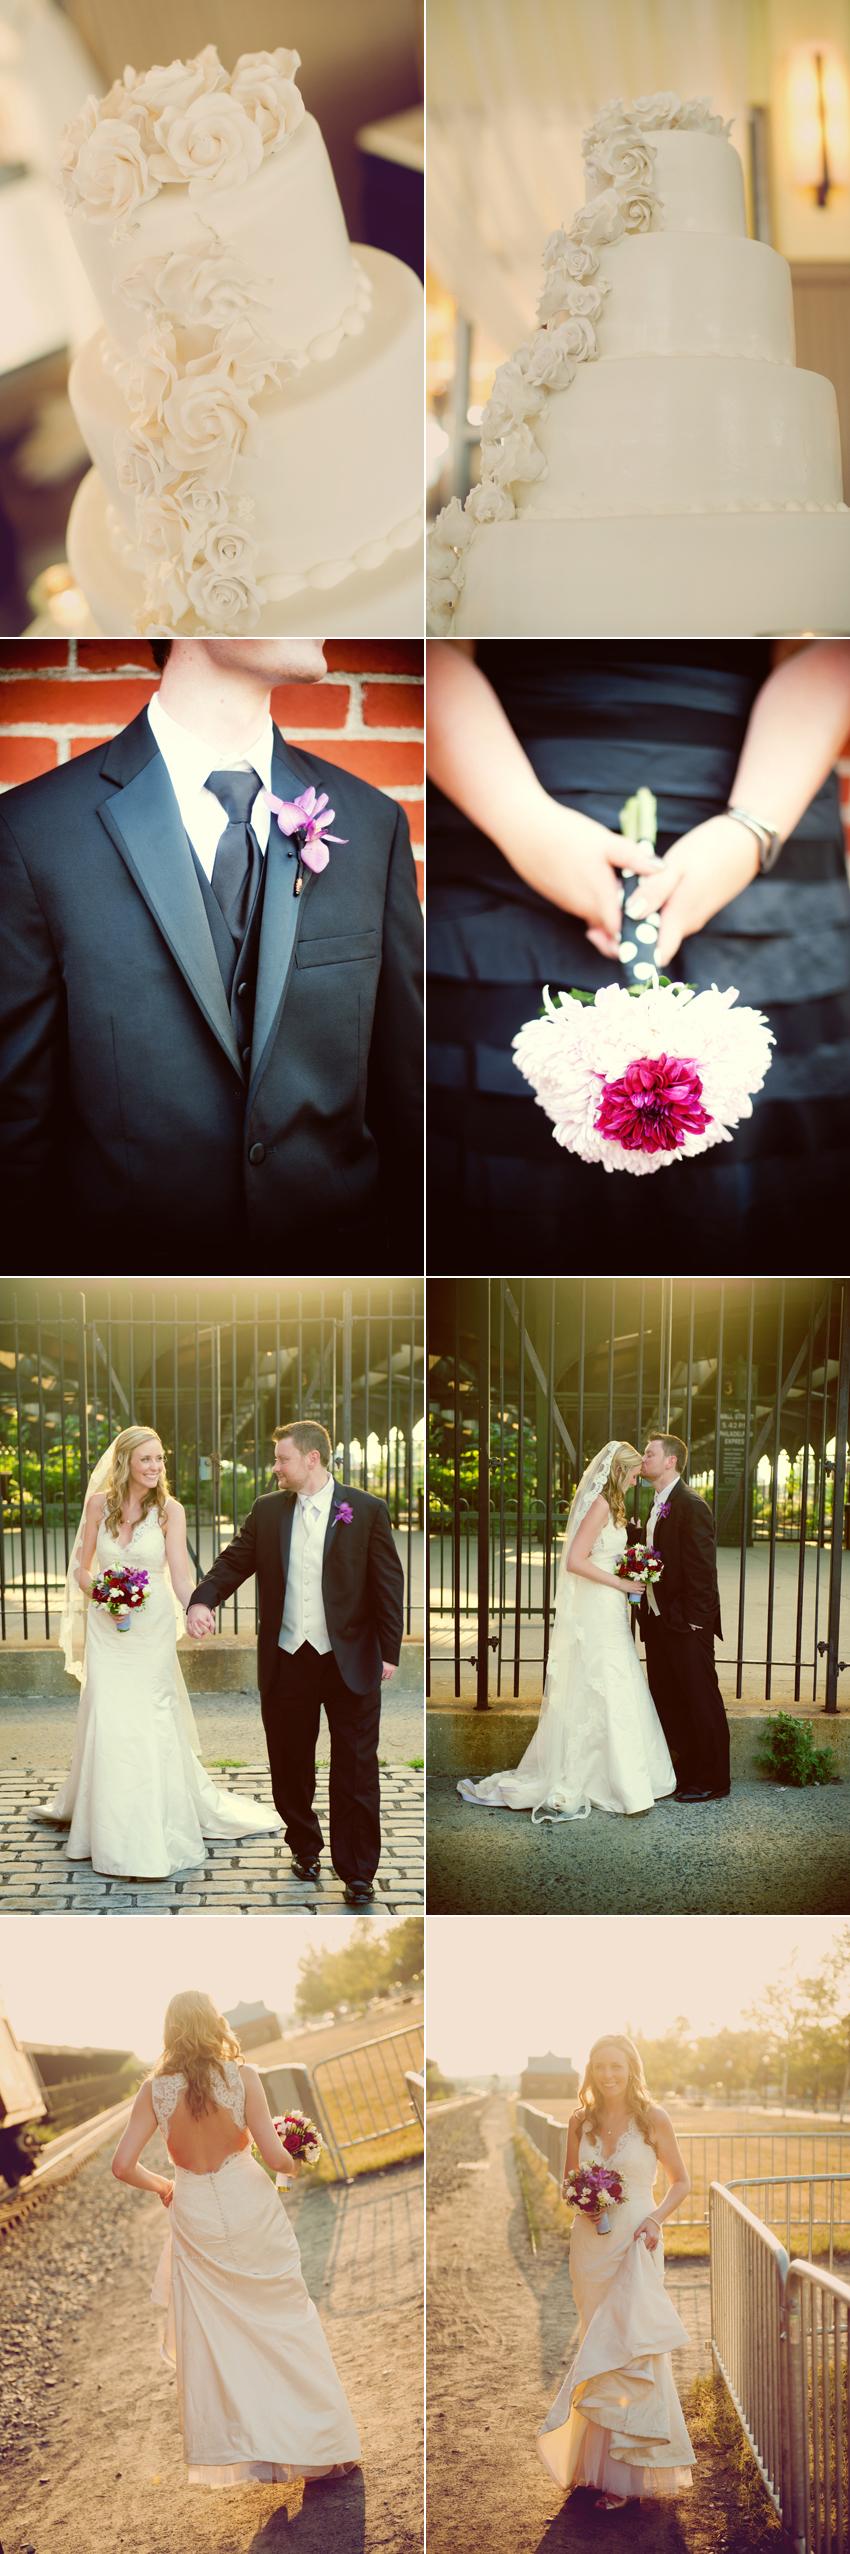 Liberty Hosue wedding Liberty House wedding flowers